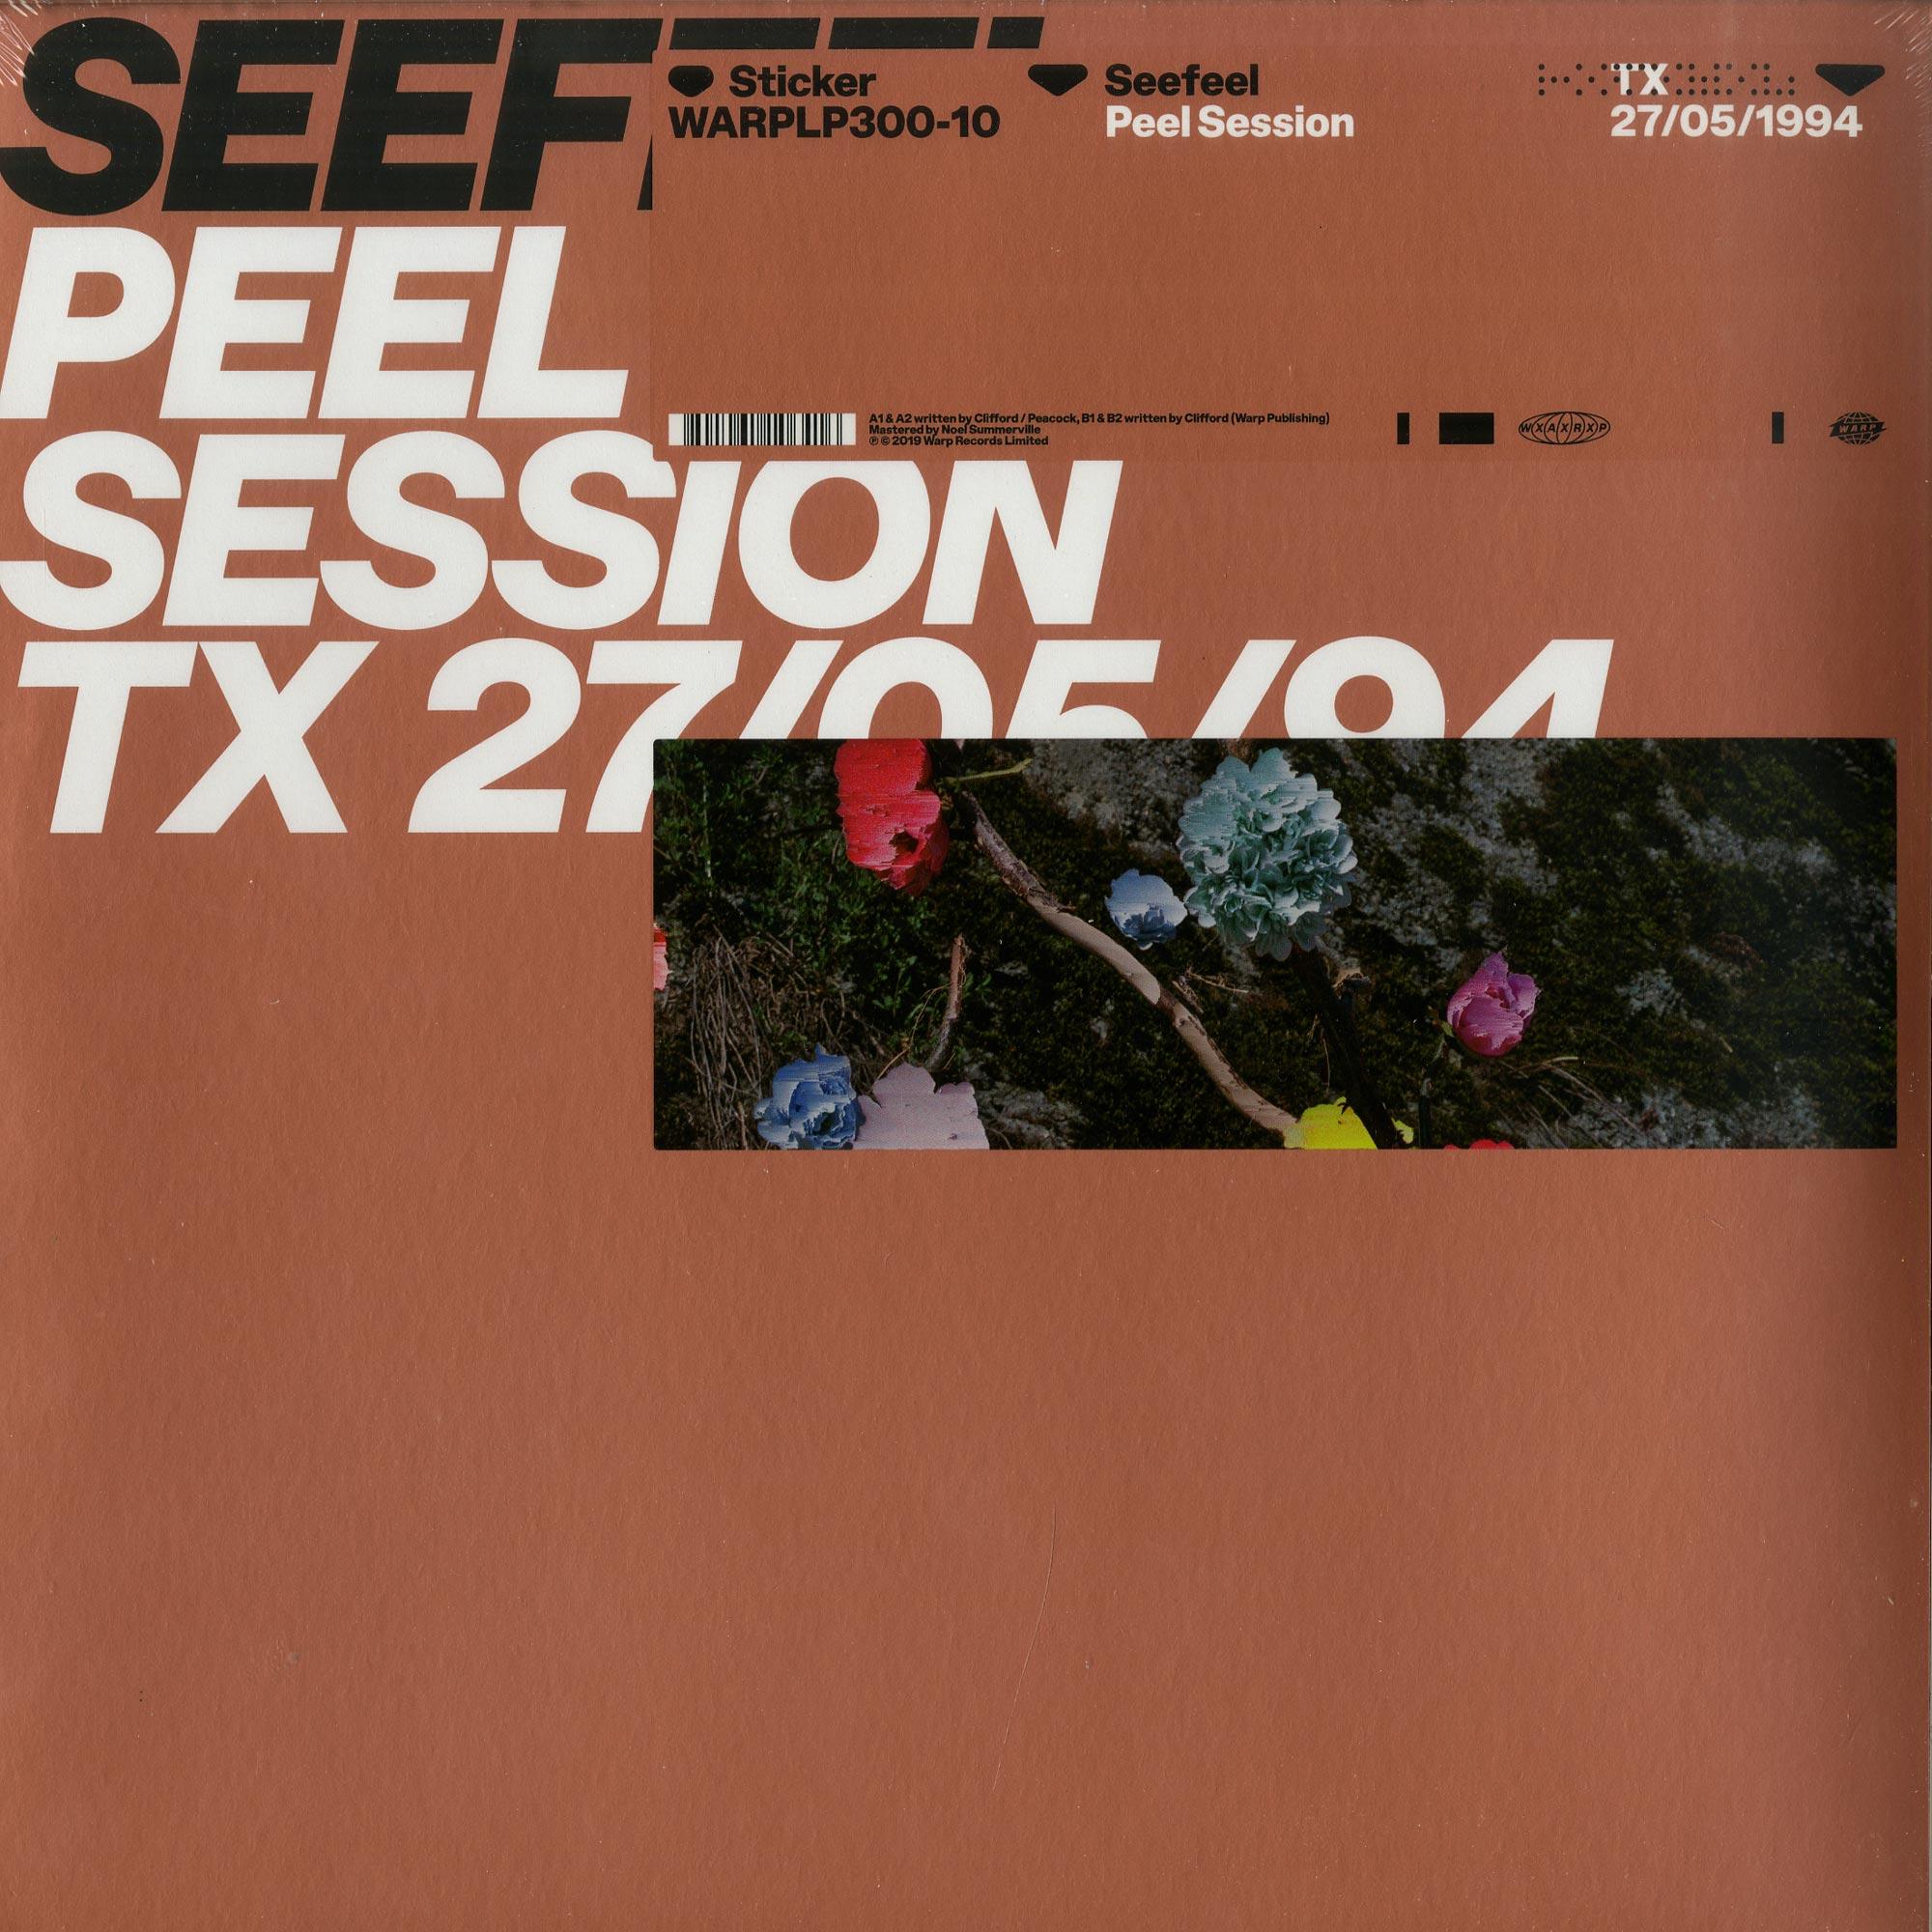 Seefeel - PEEL SESSION